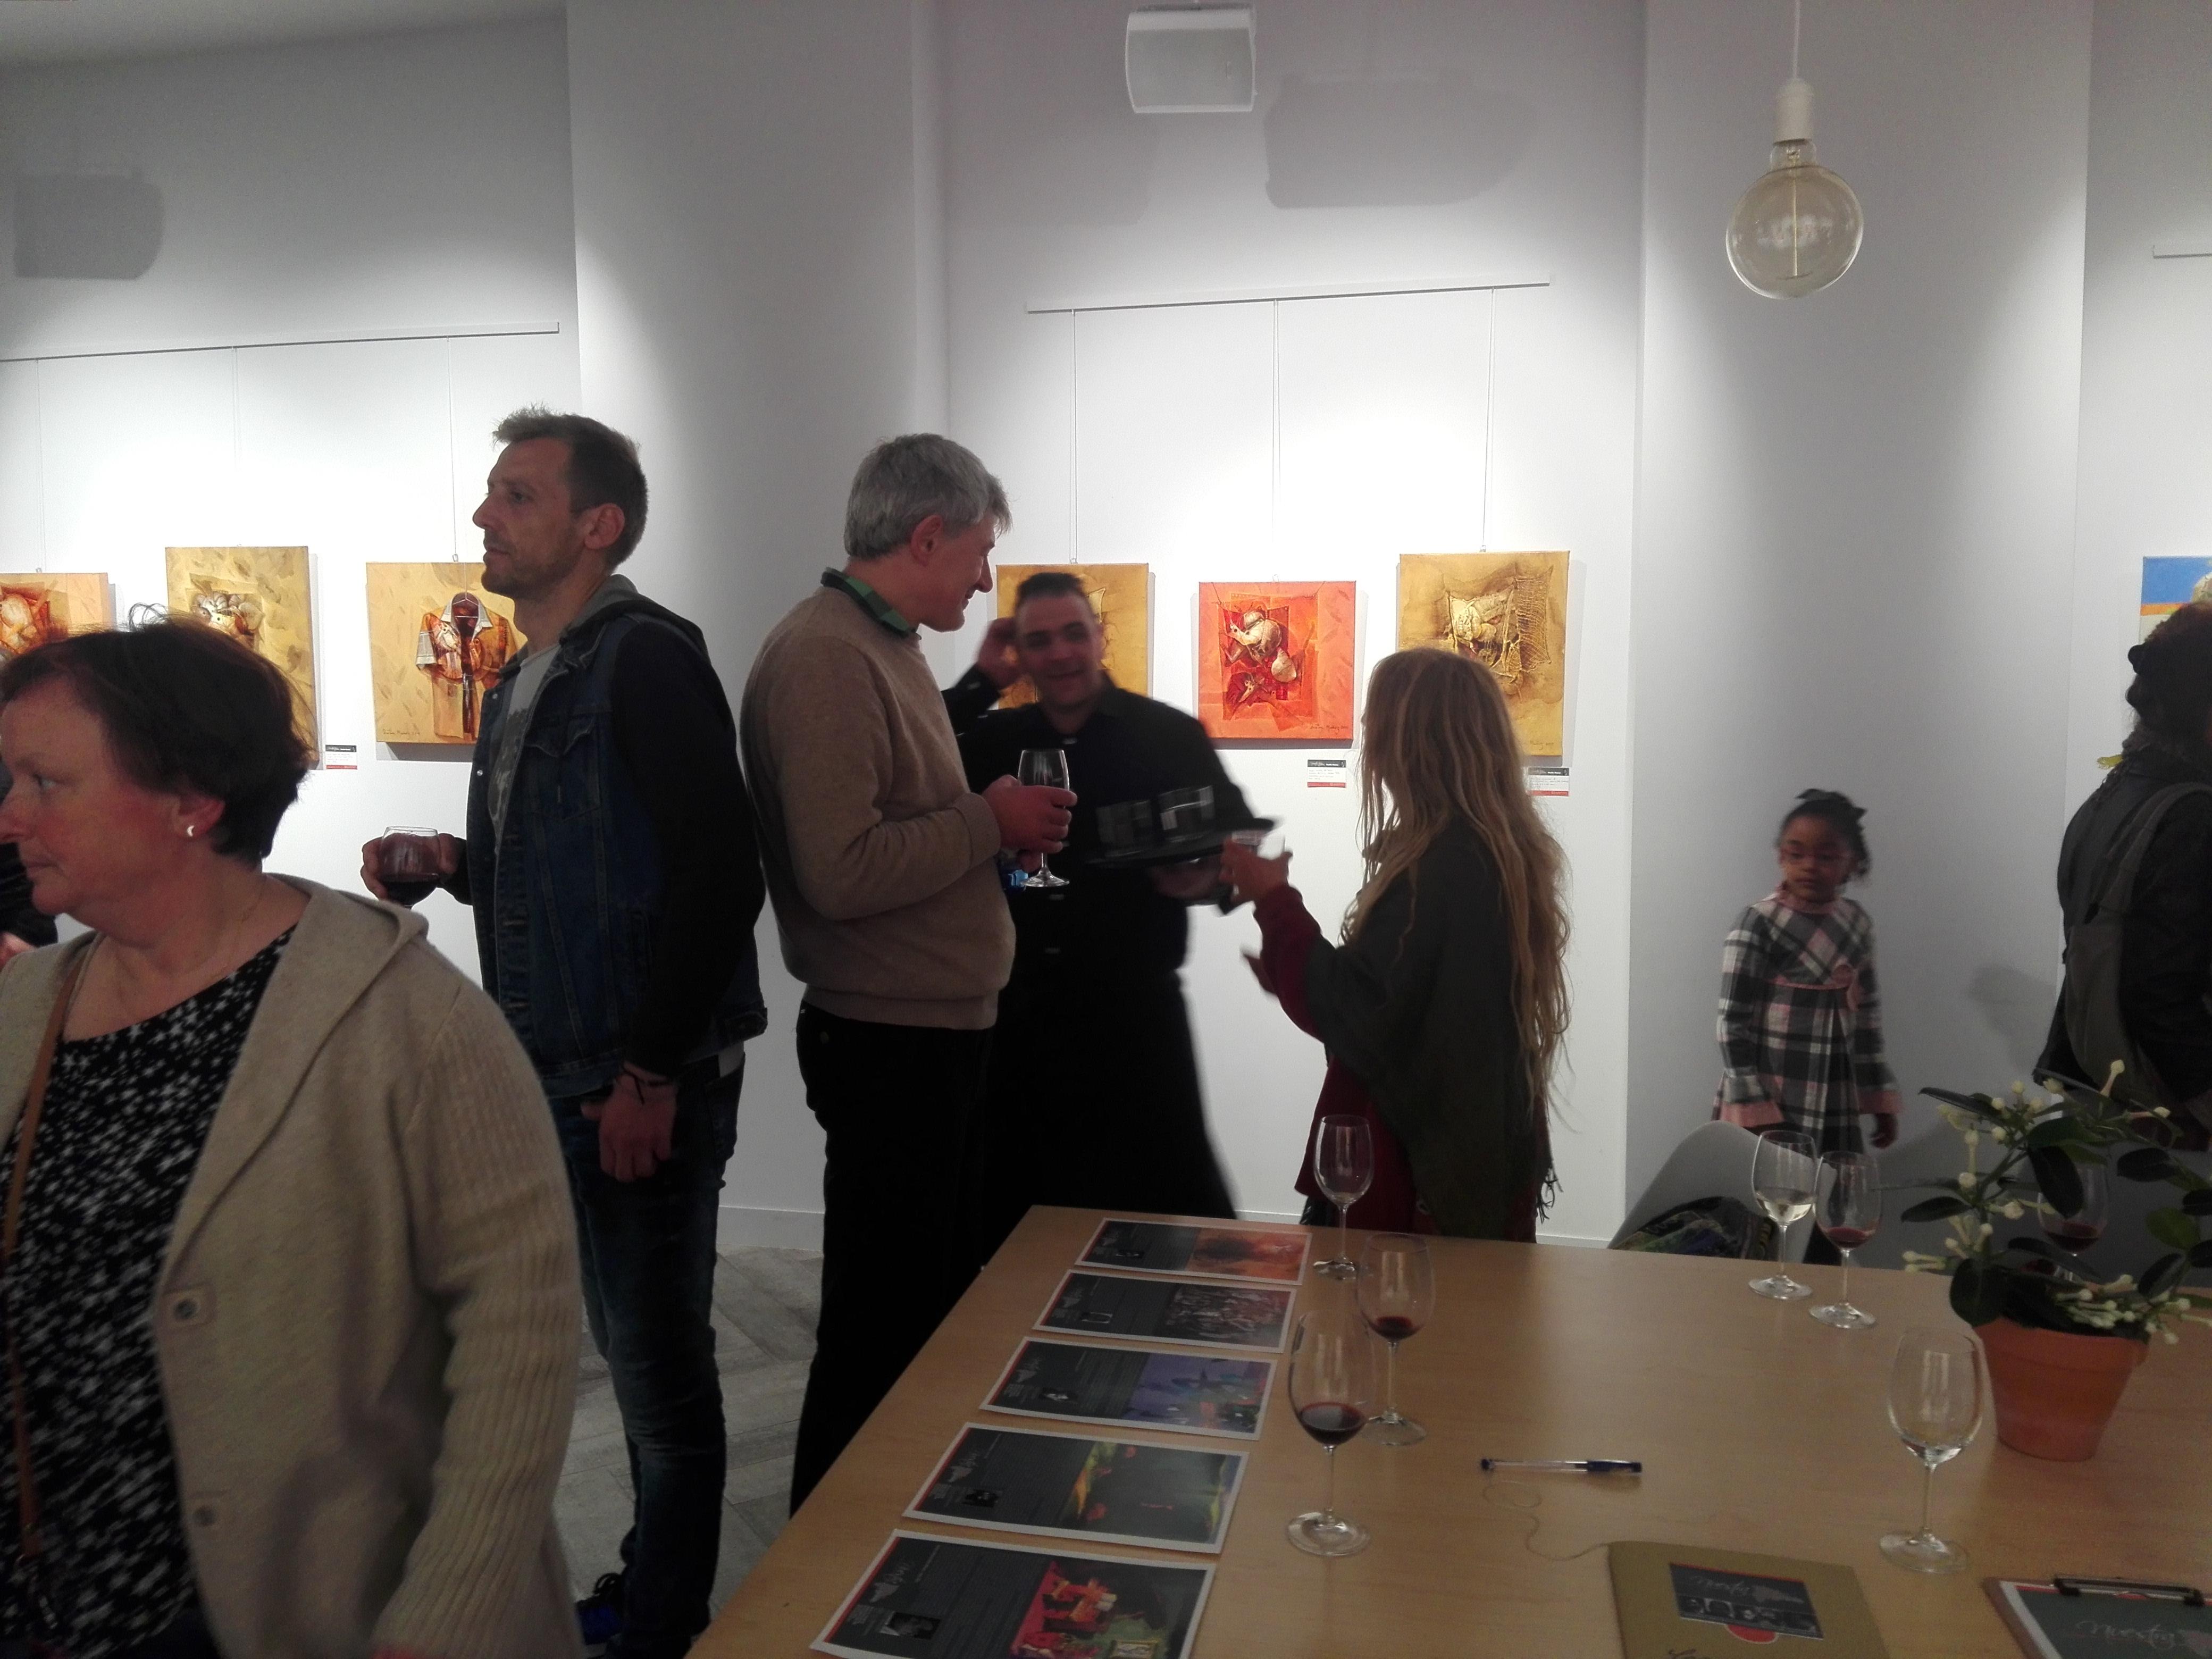 Vista parcial del público asistente al acto inaugural de Nuestra expo, tercera versión en Lugo, España